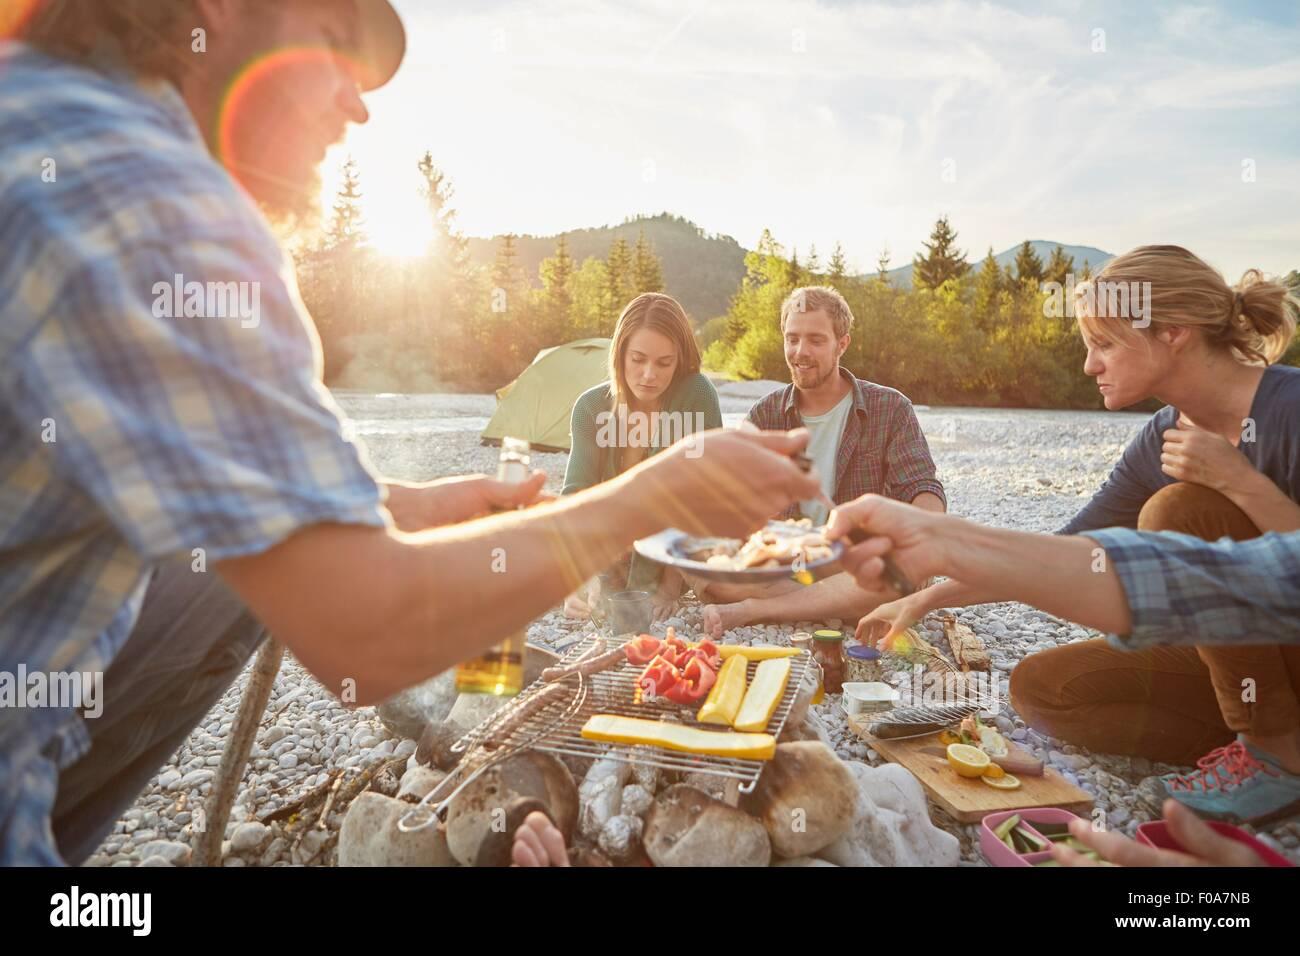 Los adultos sentados alrededor de una fogata, sirviendo comida de barbacoa Imagen De Stock